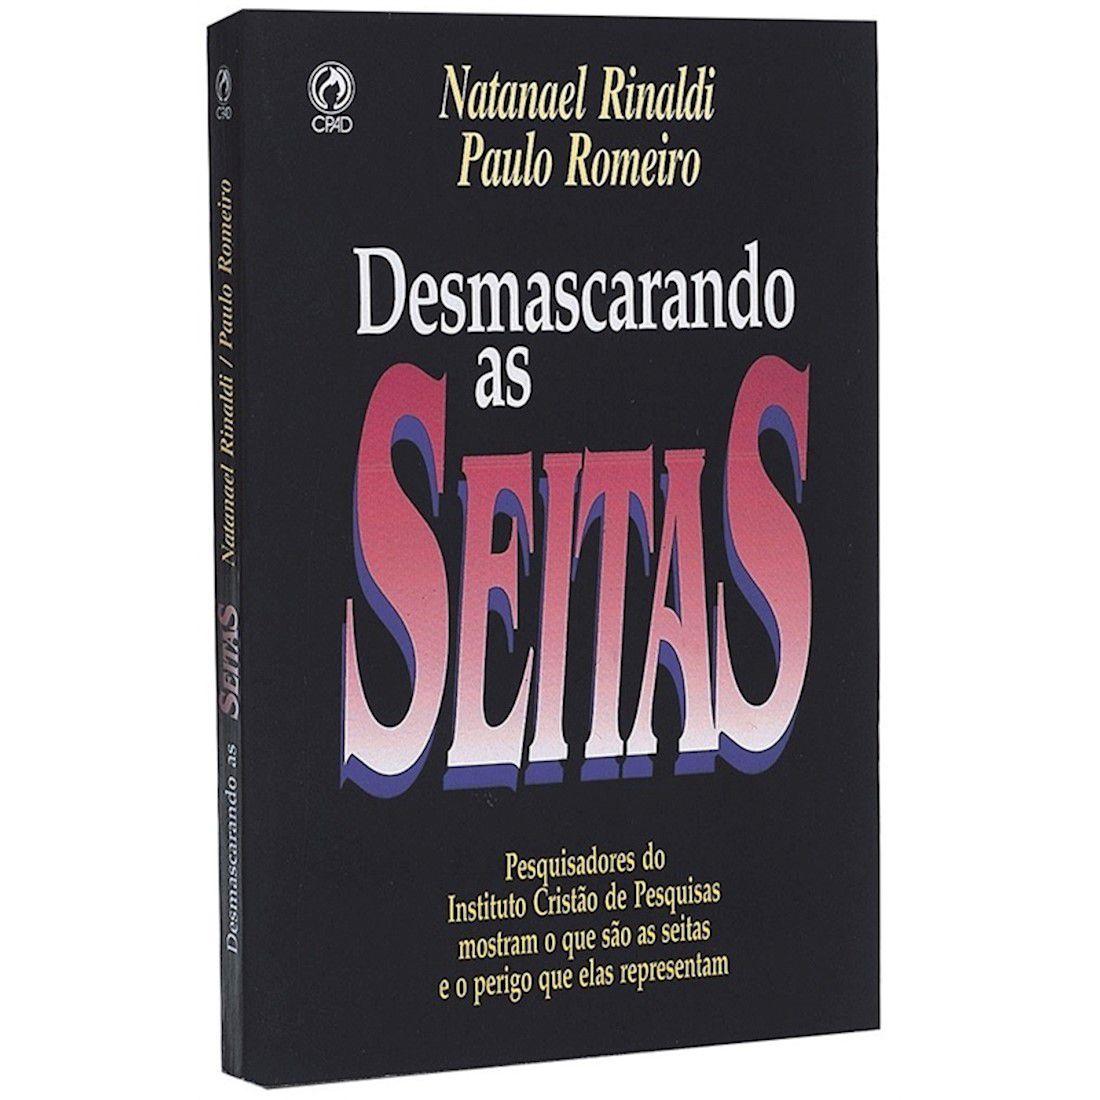 Livro Desmascarando as Seitas